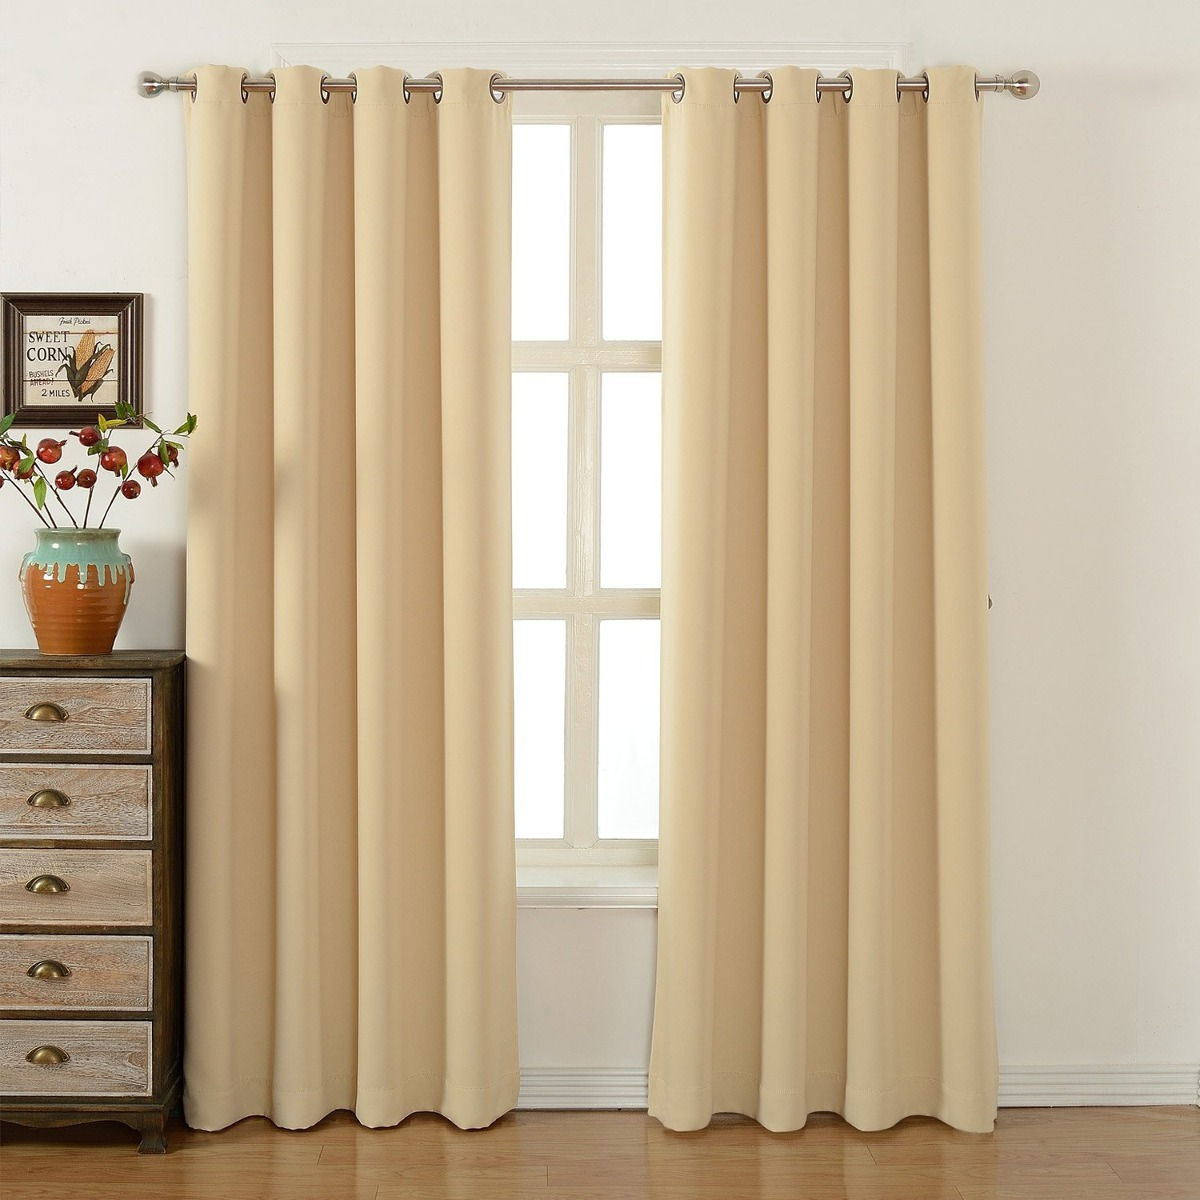 Cortinas para dormitorio acelitor 52x84 pulg beige - Fotos cortinas dormitorio ...